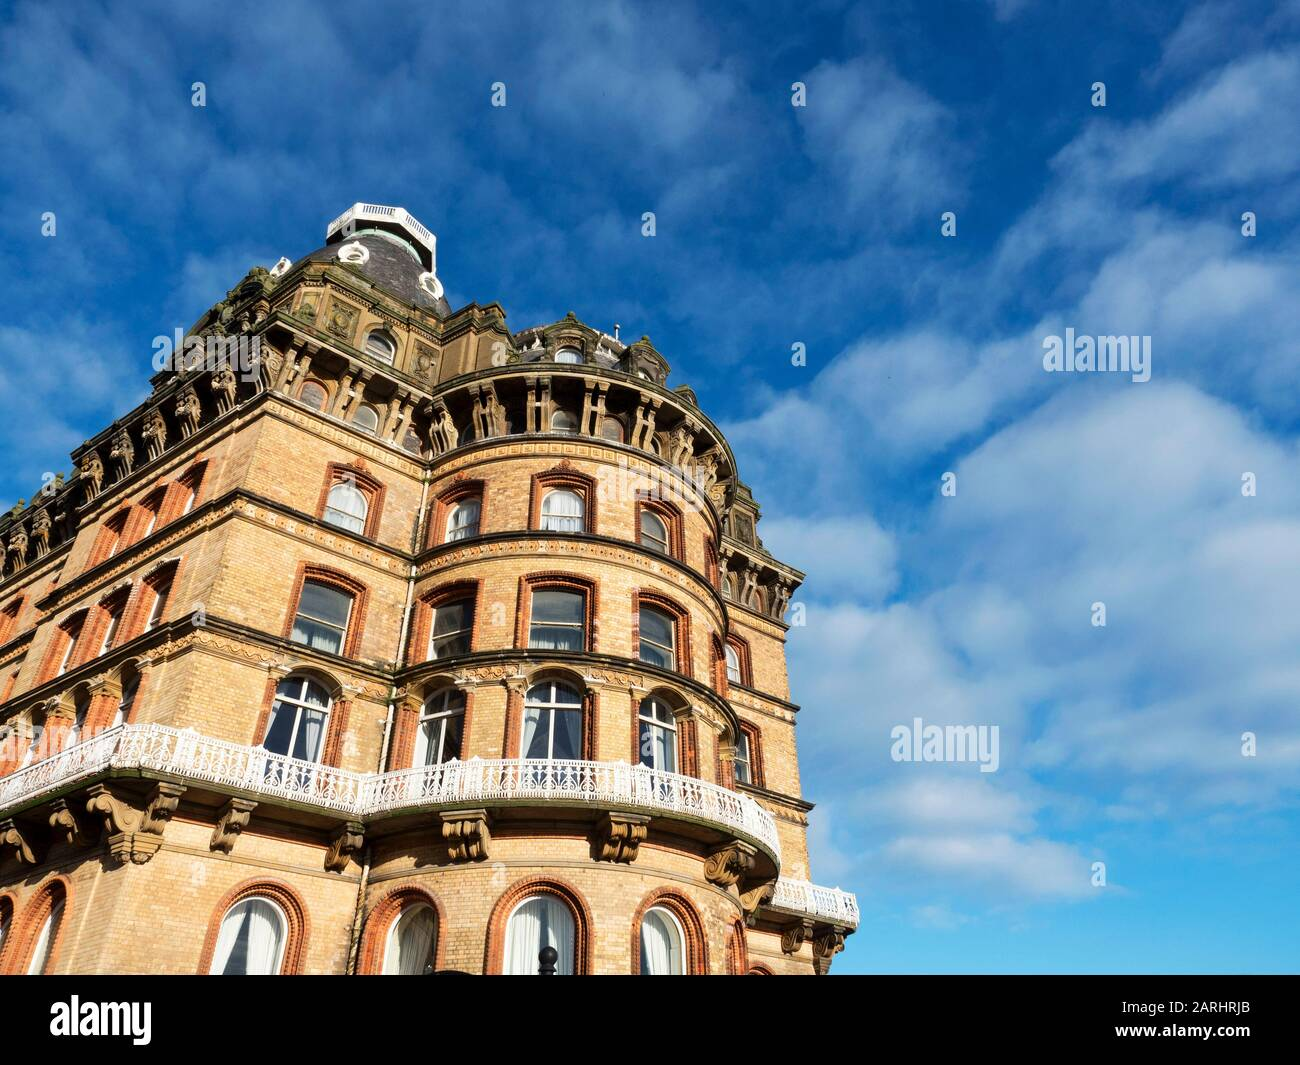 Il Grand Hotel è un edificio storico di grado II dell'architetto Cuthbert Brodrick a Scarborough, North Yorkshire, Inghilterra Foto Stock